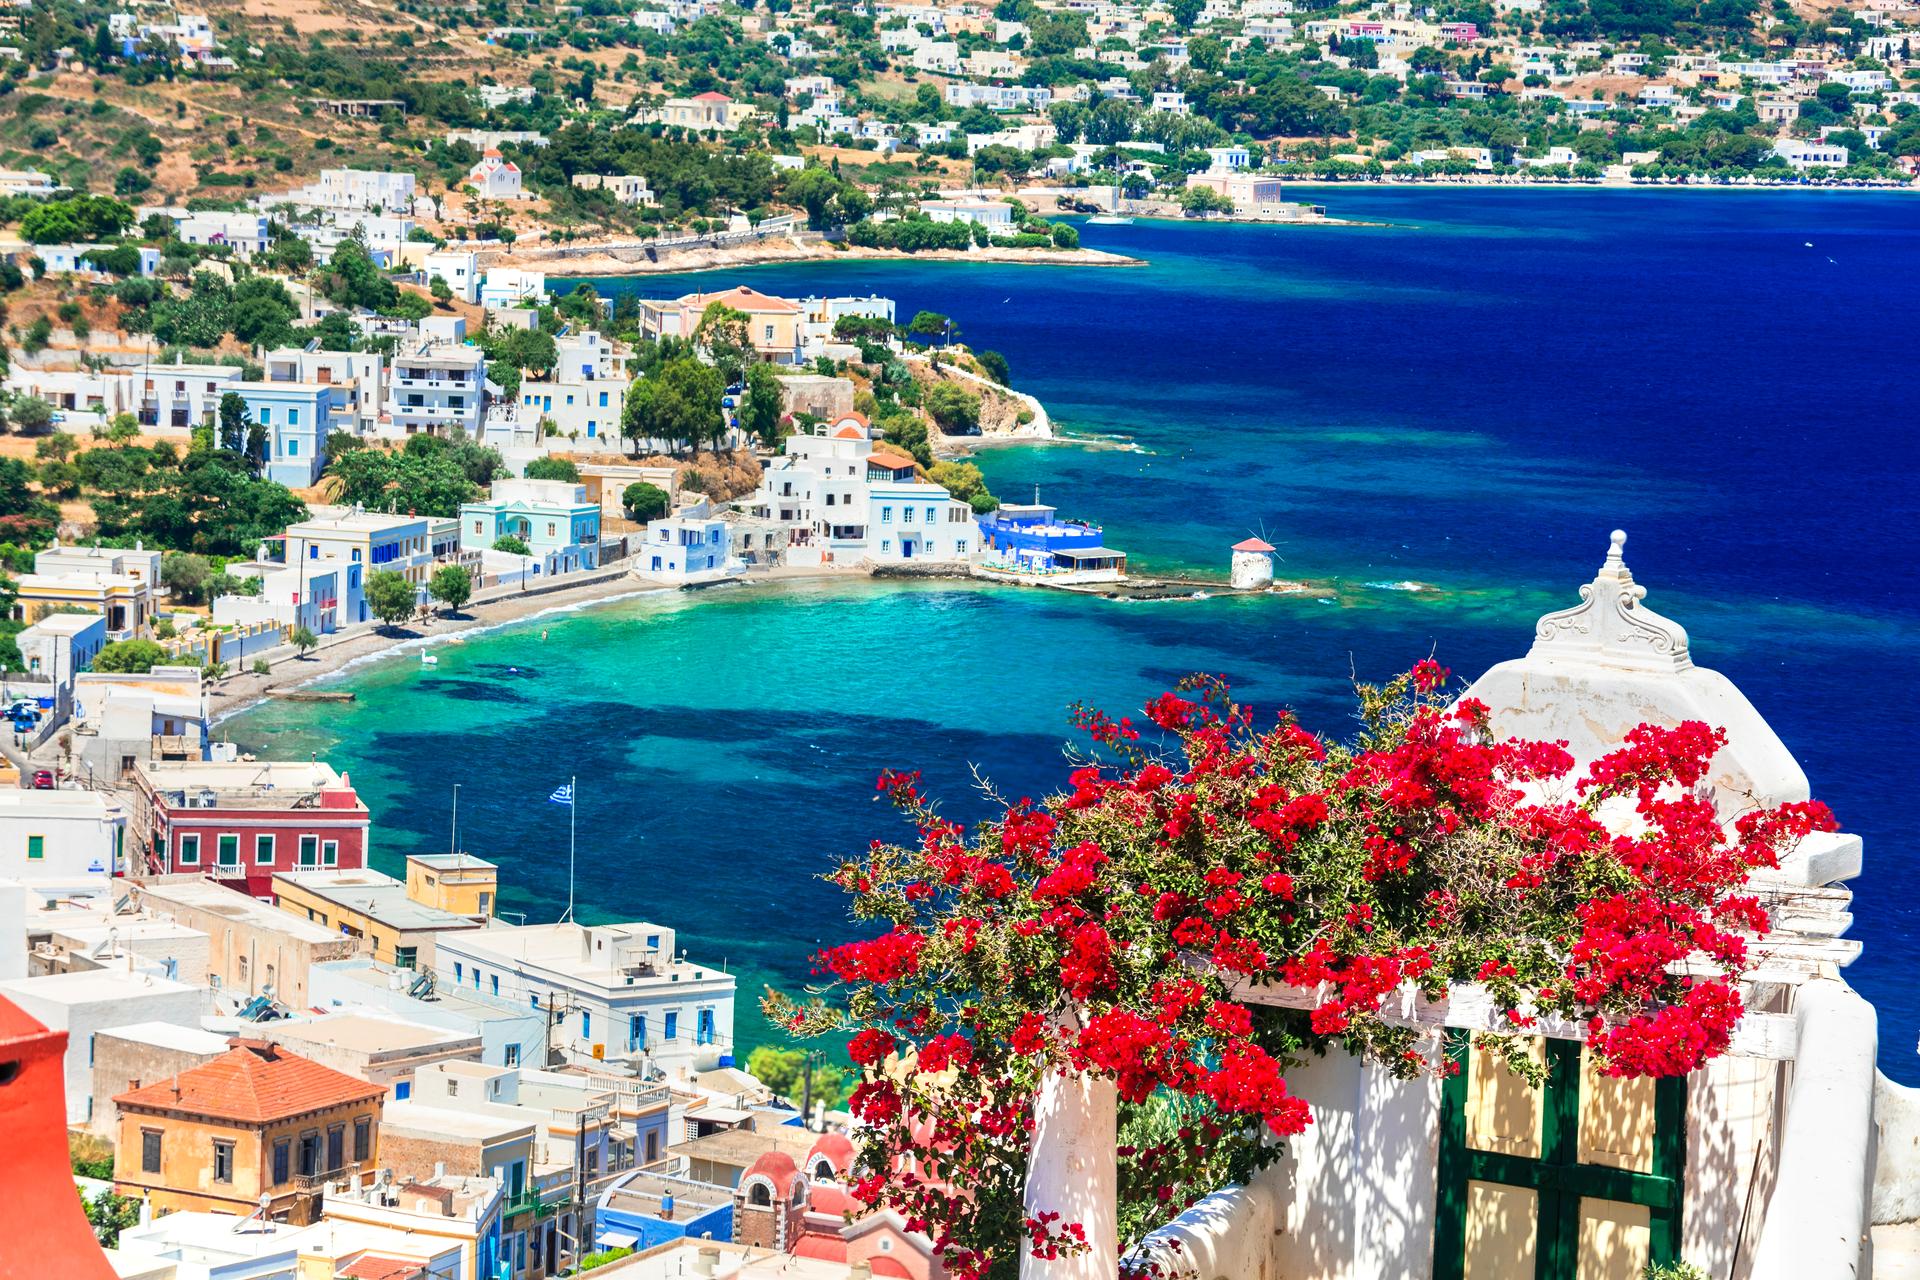 Leros - Agia Marina - blauw water, heuvels met groene bomen en witte huisjes, rode bloemen op de voorgrond